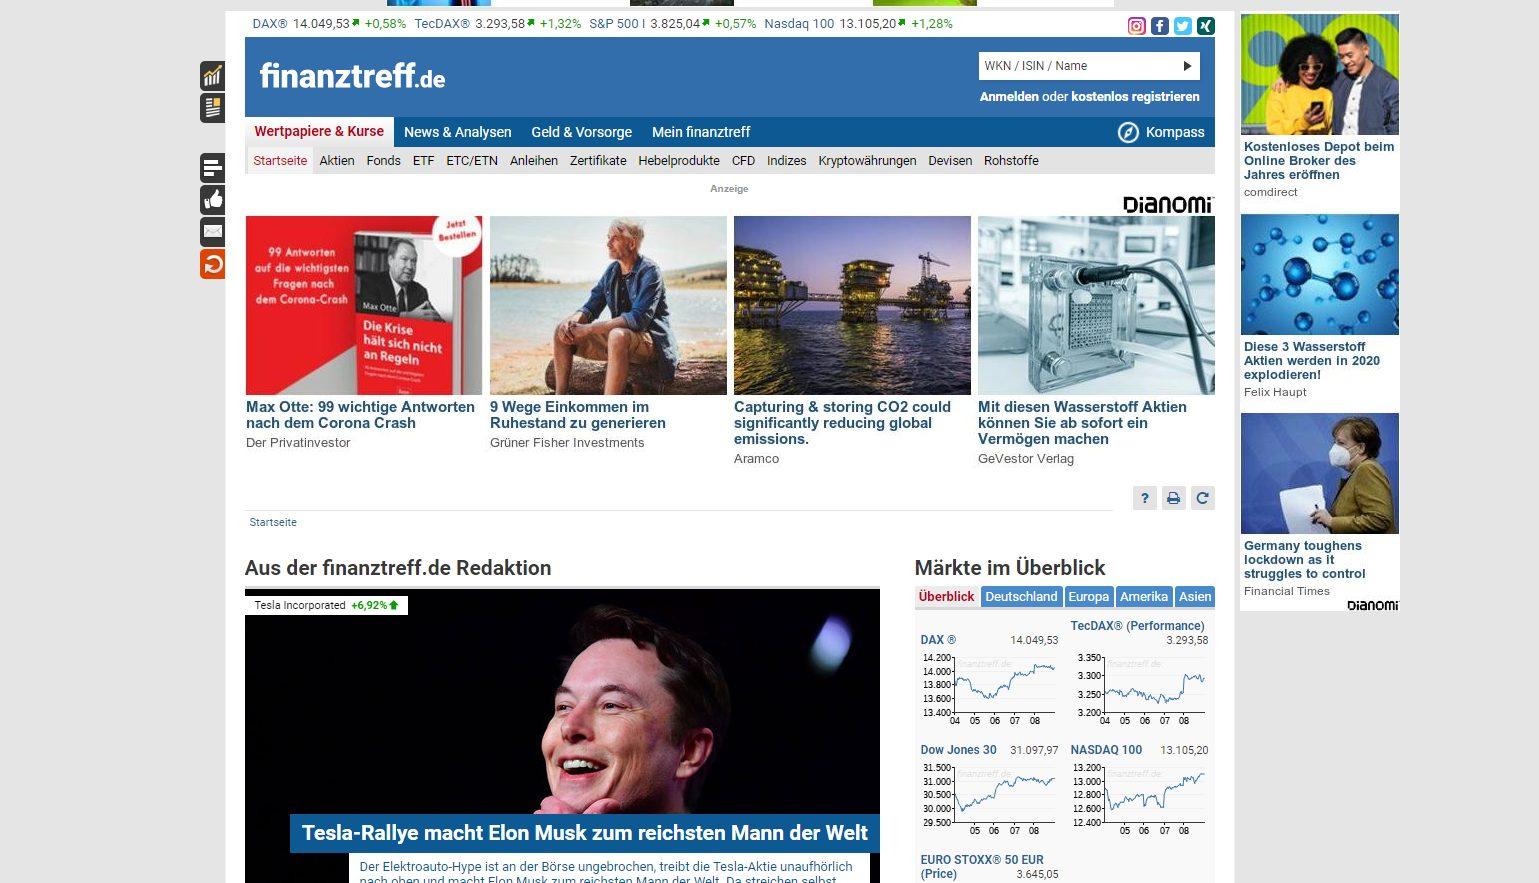 Offizielle Webseite von Finanztreff.de